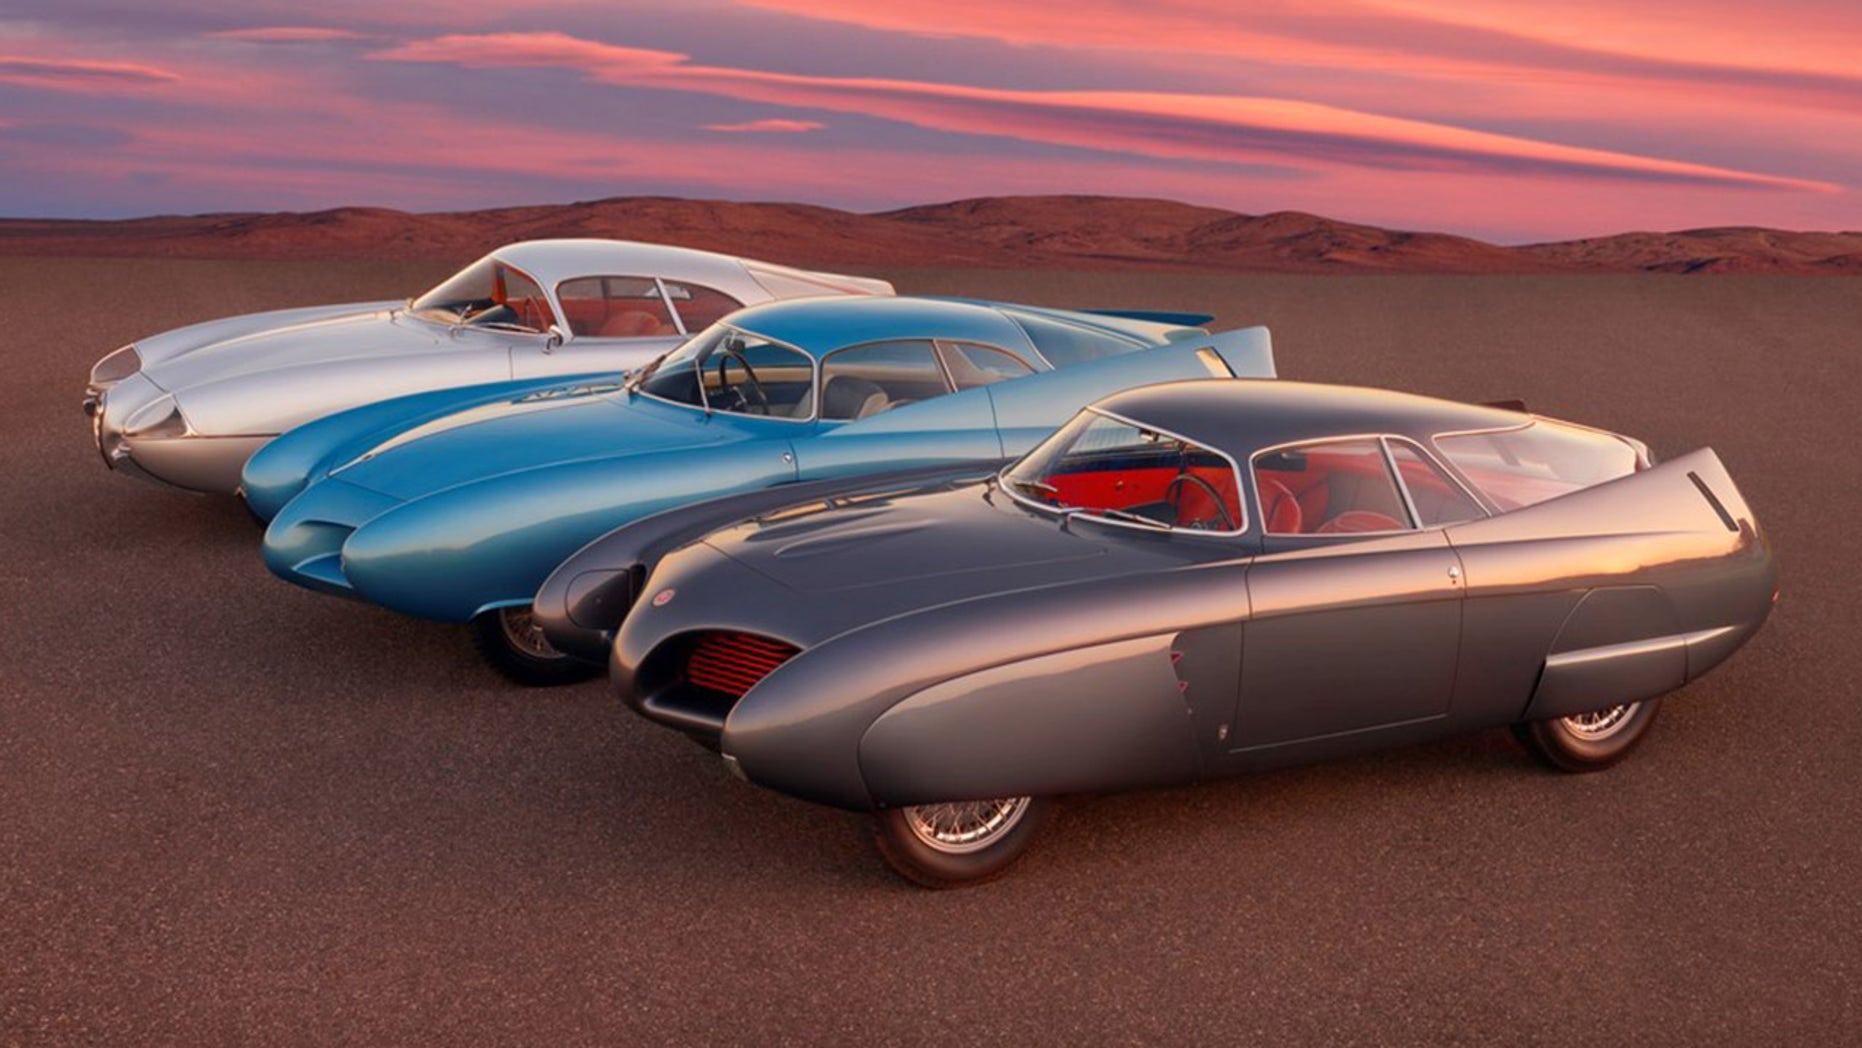 Alfa Romeo BAT-mobiles